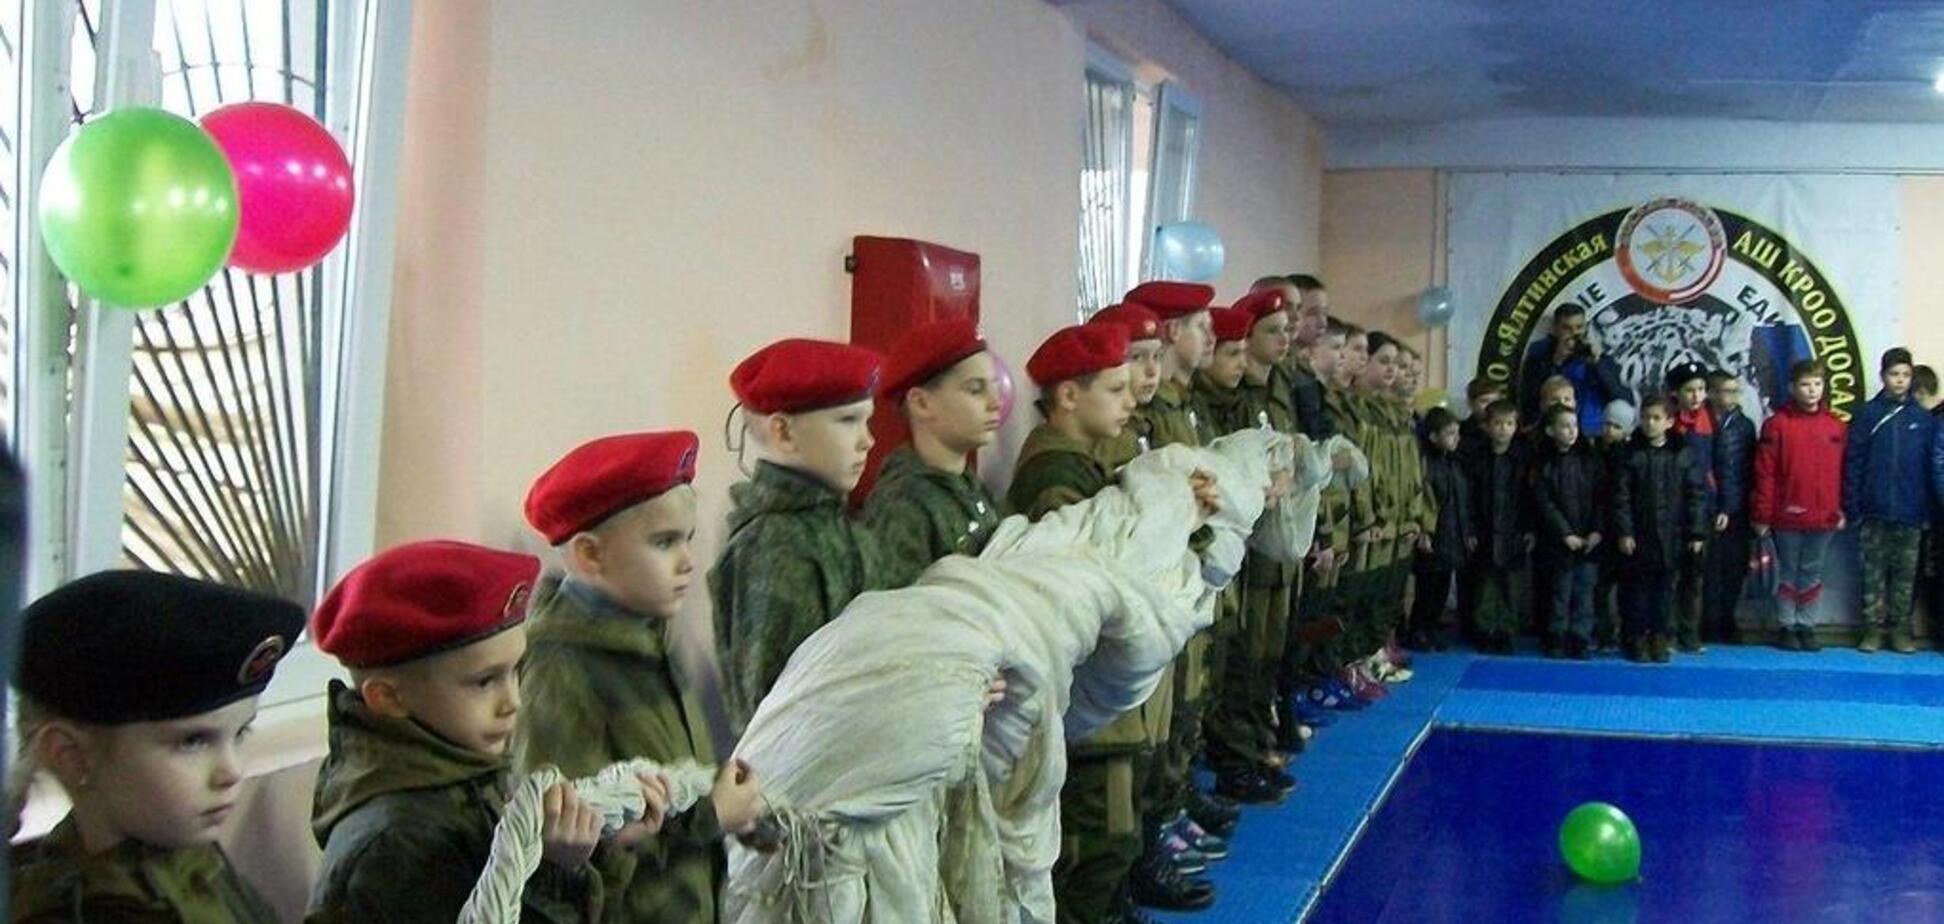 В сети всплыли показательные фото из Крыма